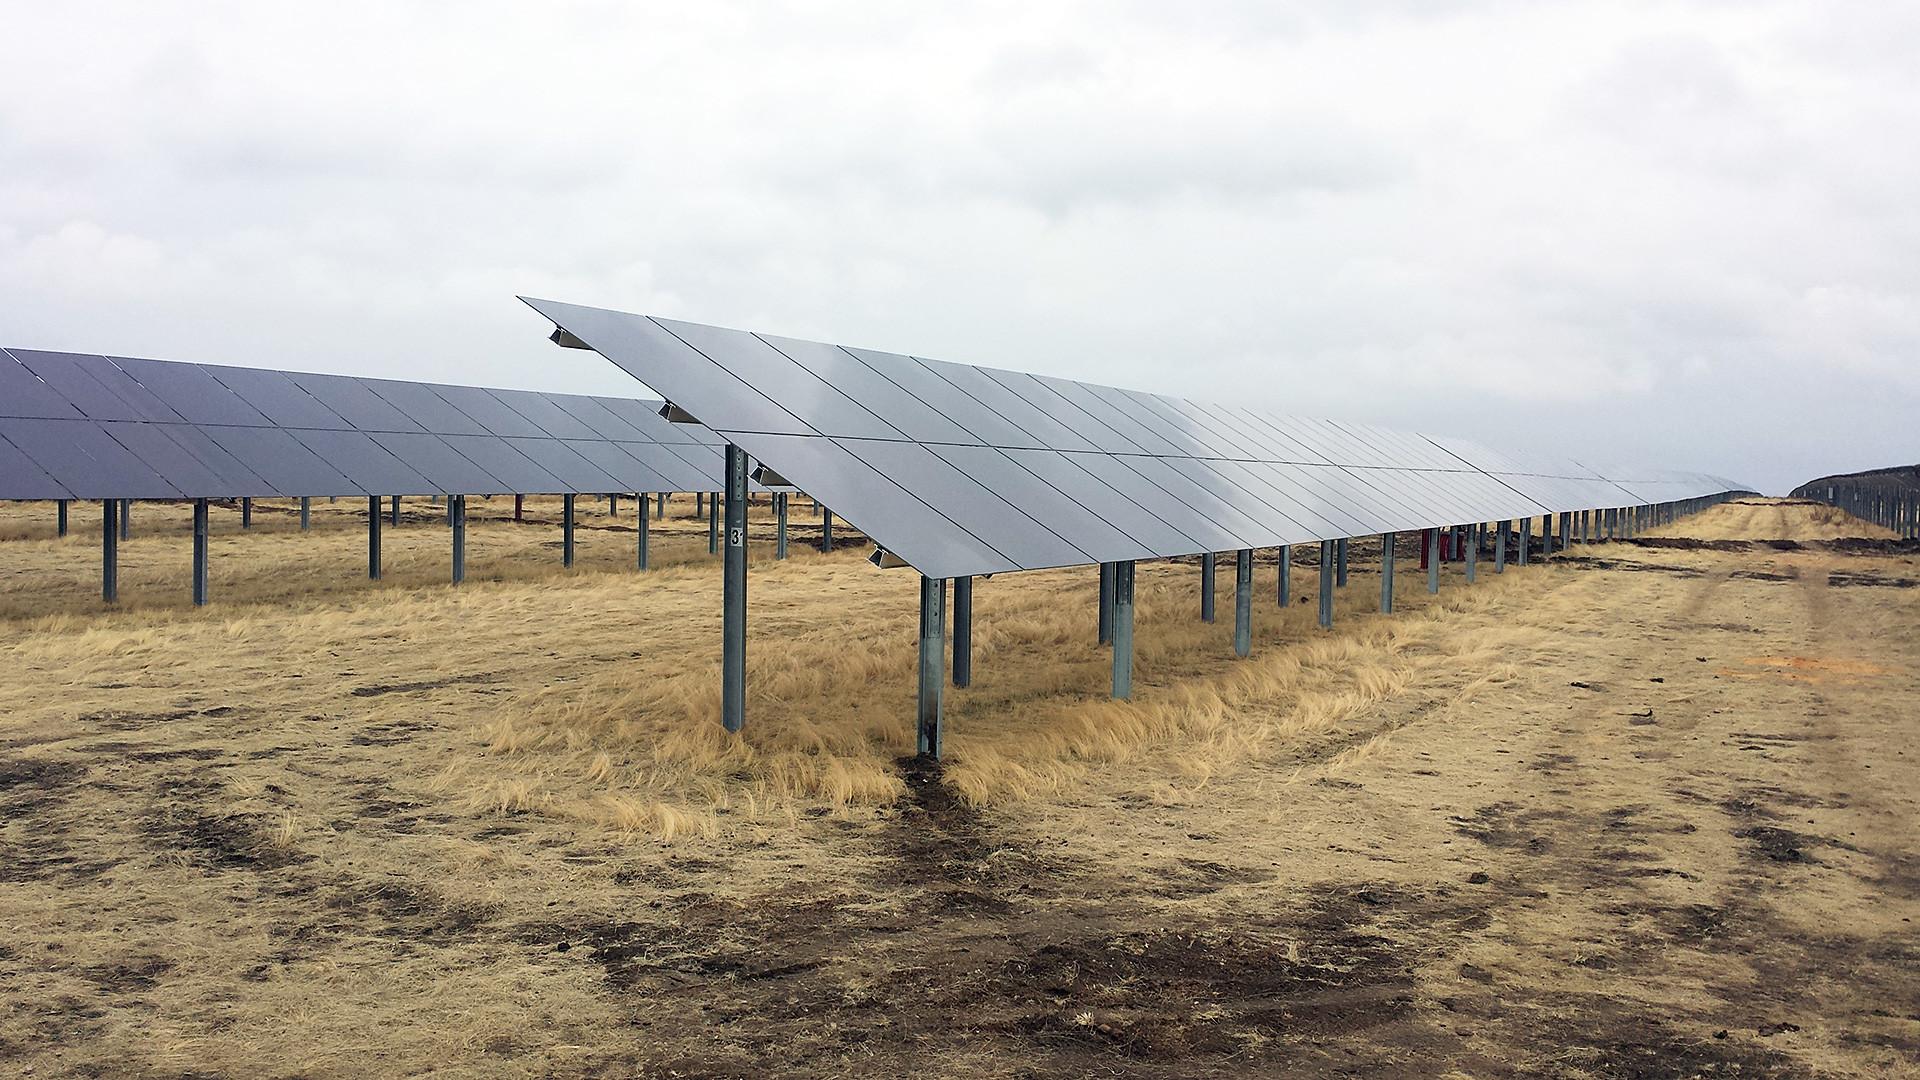 Impianto fotovoltaico in Bashkortostan